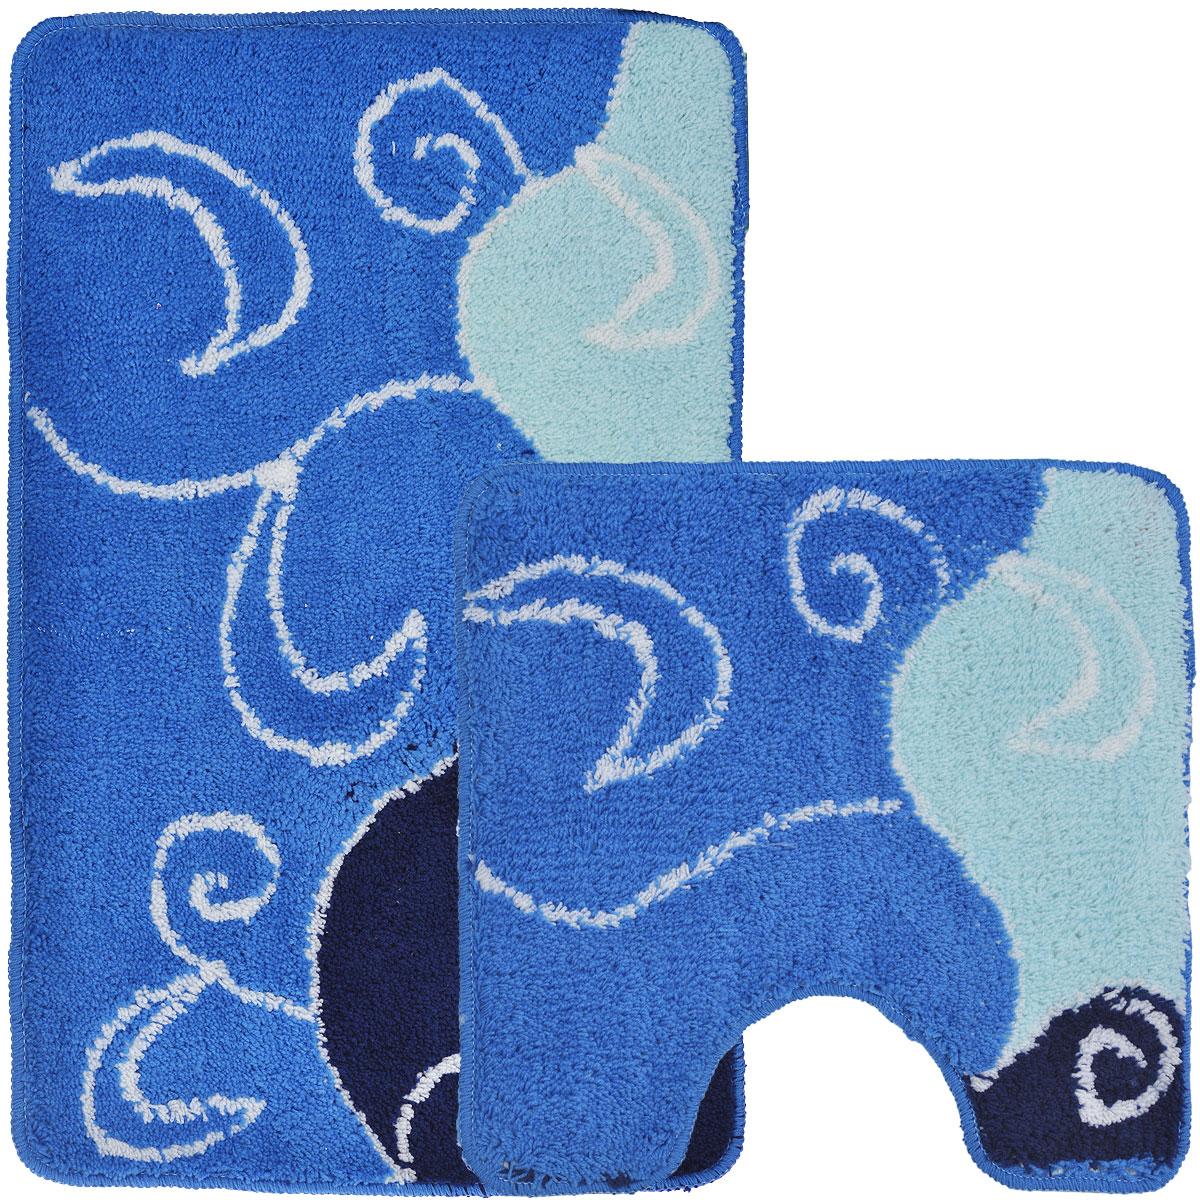 Комплект ковриков для ванной и туалета Fresh Code, цвет: синий, 2 предметаCLP446Комплект Fresh Code состоит из коврика для ванной комнаты и туалета. Коврики изготовлены из акрила и оформлены узором. Это экологически чистый, быстросохнущий, мягкий и износостойкий материал. Красители устойчивы, поэтому коврики не потускнеют даже после многократных стирок в стиральной машине. Благодаря латексной основе коврики не скользят на полу. Края изделий обработаны оверлоком. Можно использовать на полу с подогревом. Набор для ванной Fresh Code подарит ощущение тепла и комфорта, а также привнесет уют в вашу ванную комнату.Высота ворса: 1 см.Размер коврика для ванной комнаты: 80 см х 50 см.Размер коврика для туалета: 50 см х 50 см.